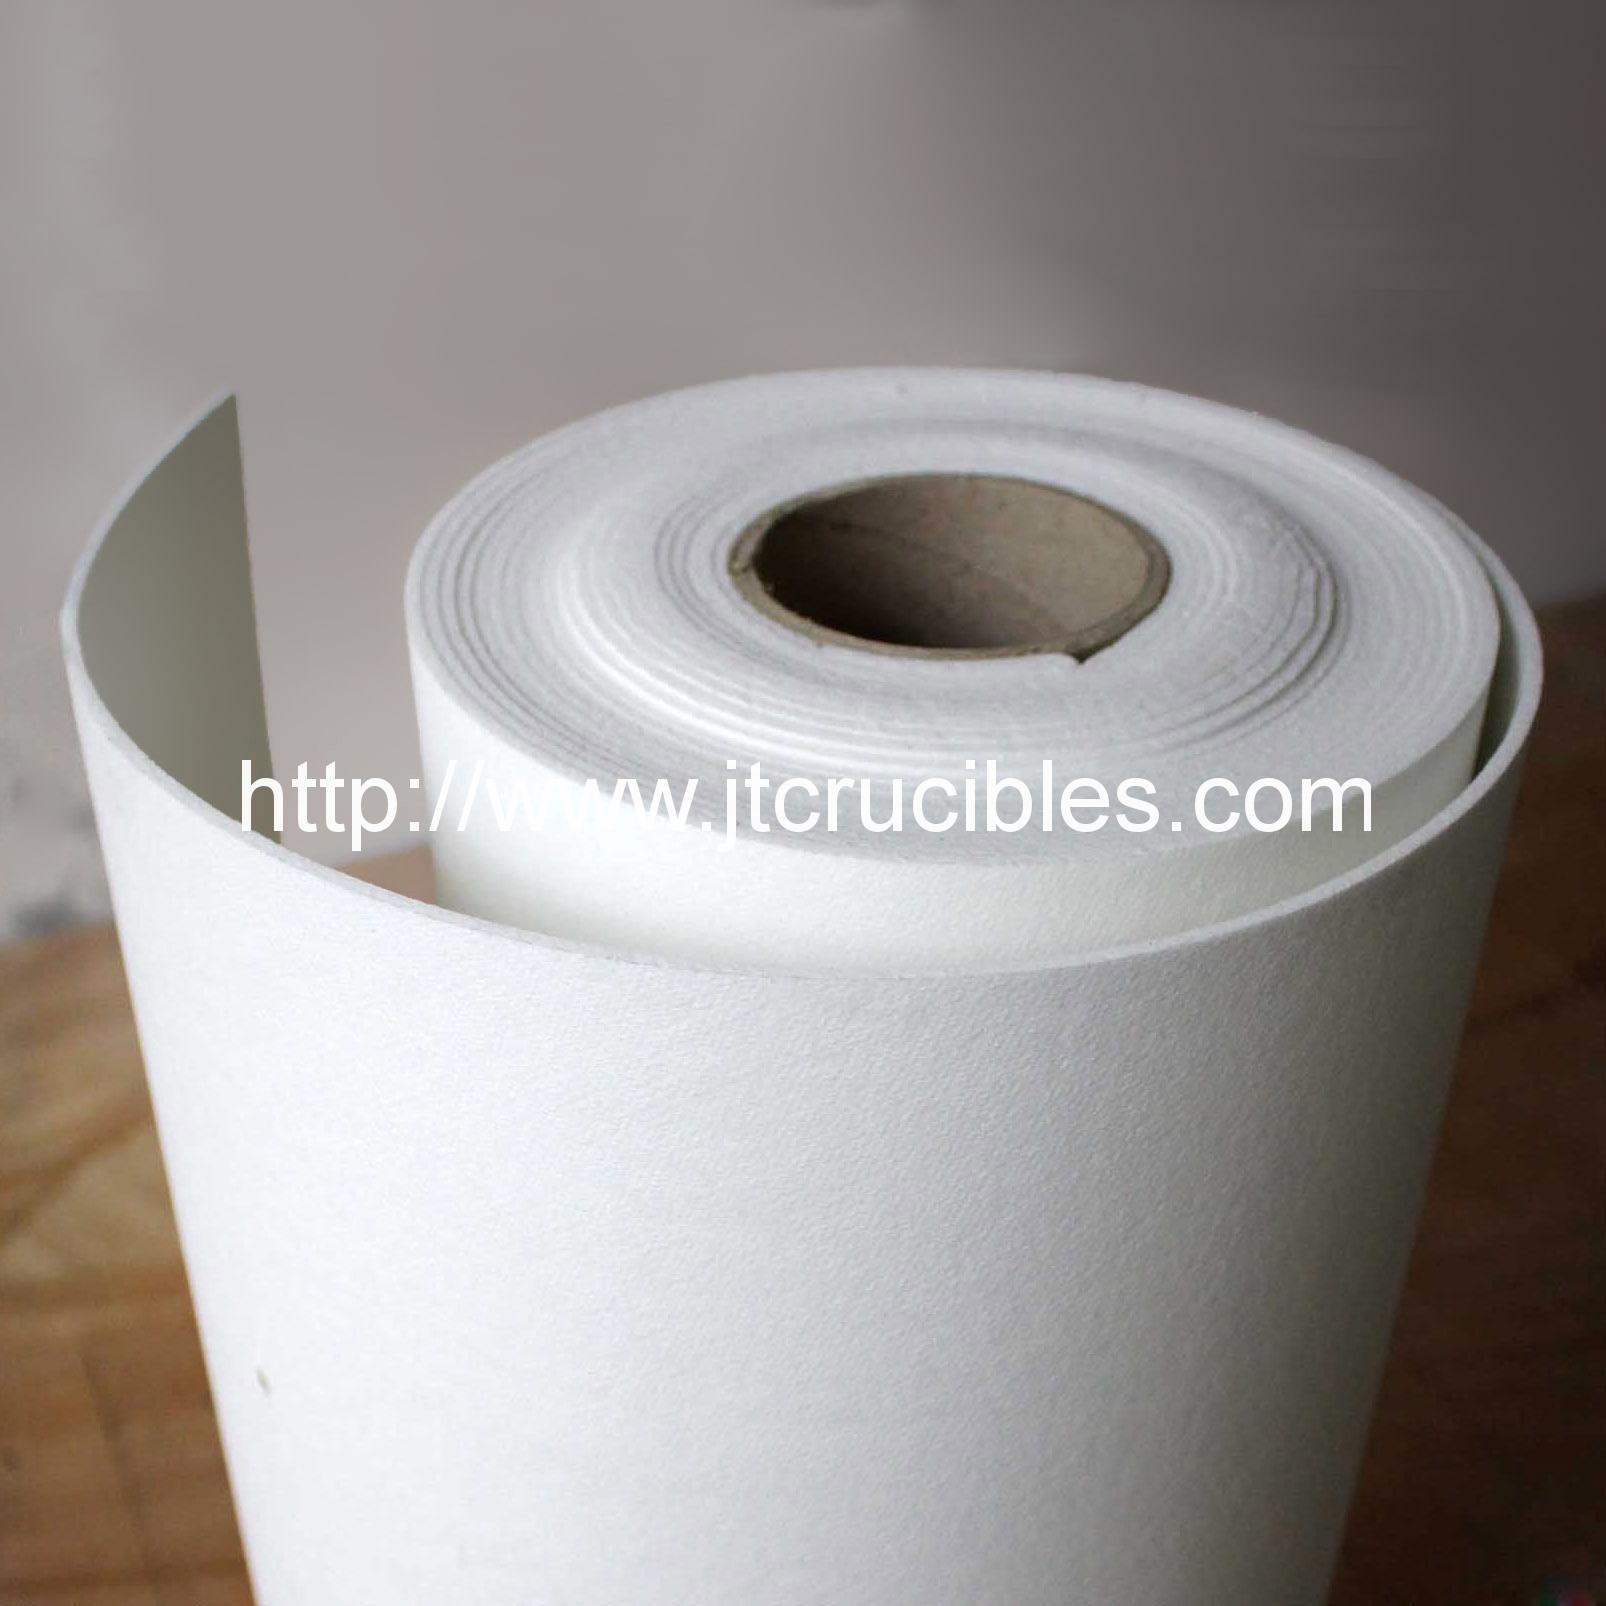 le silicate d'aluminium papier en fibre de céramique